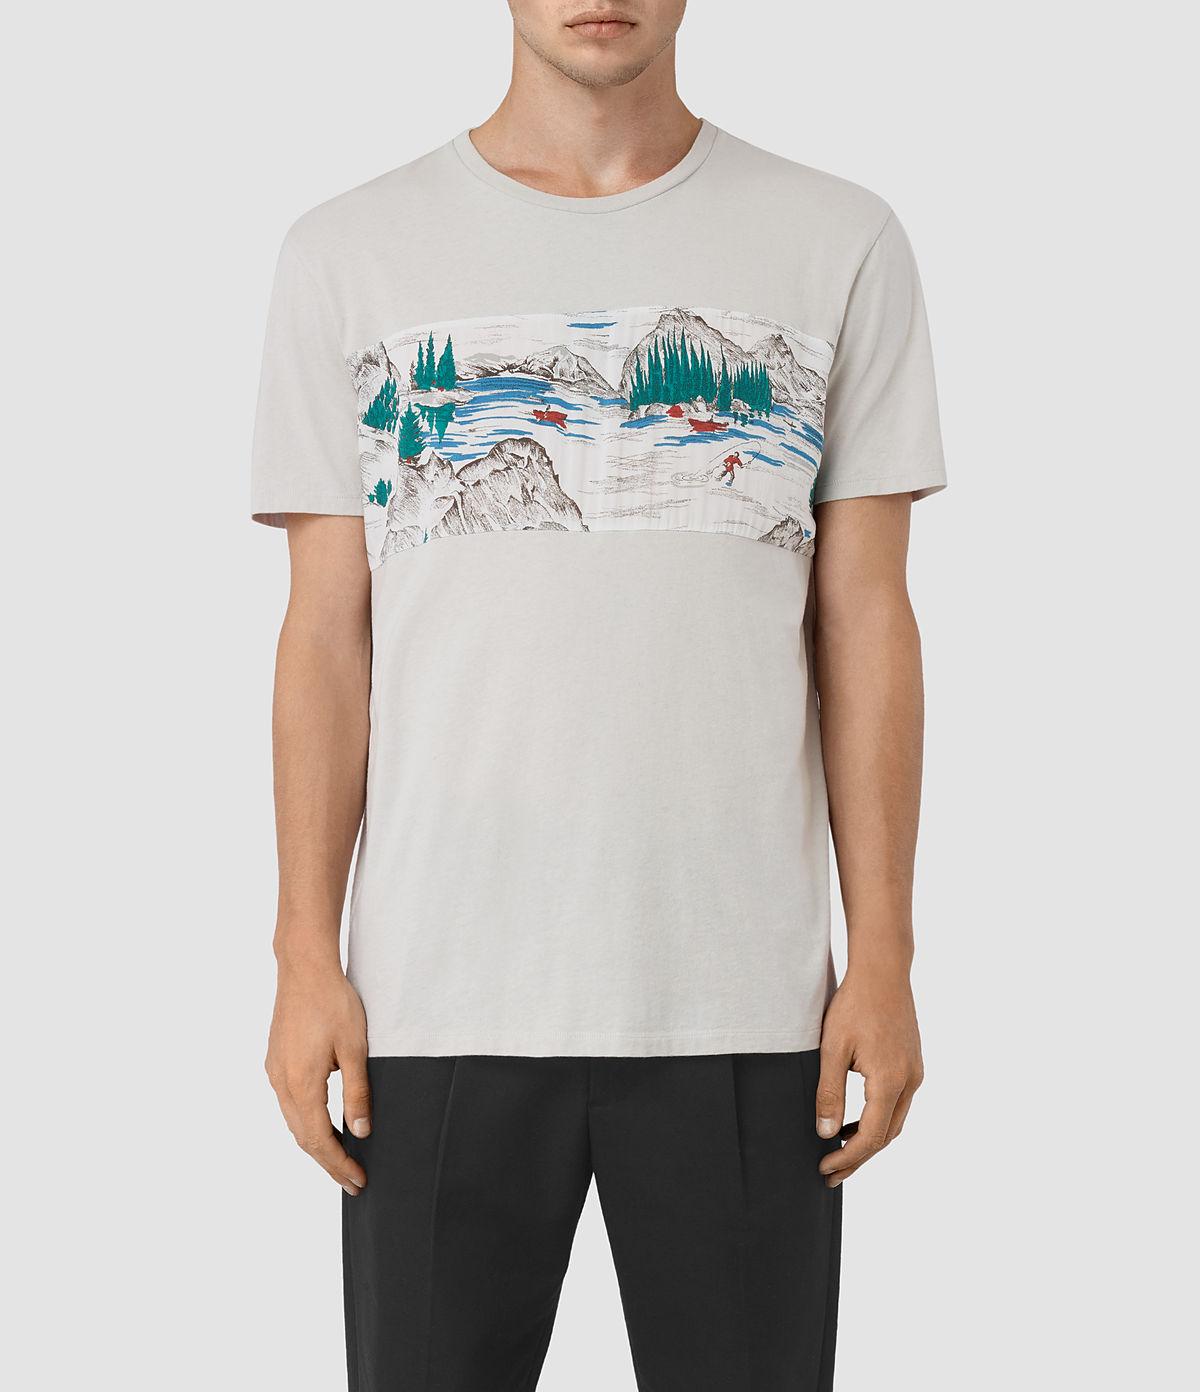 canada-twelve-crew-t-shirt